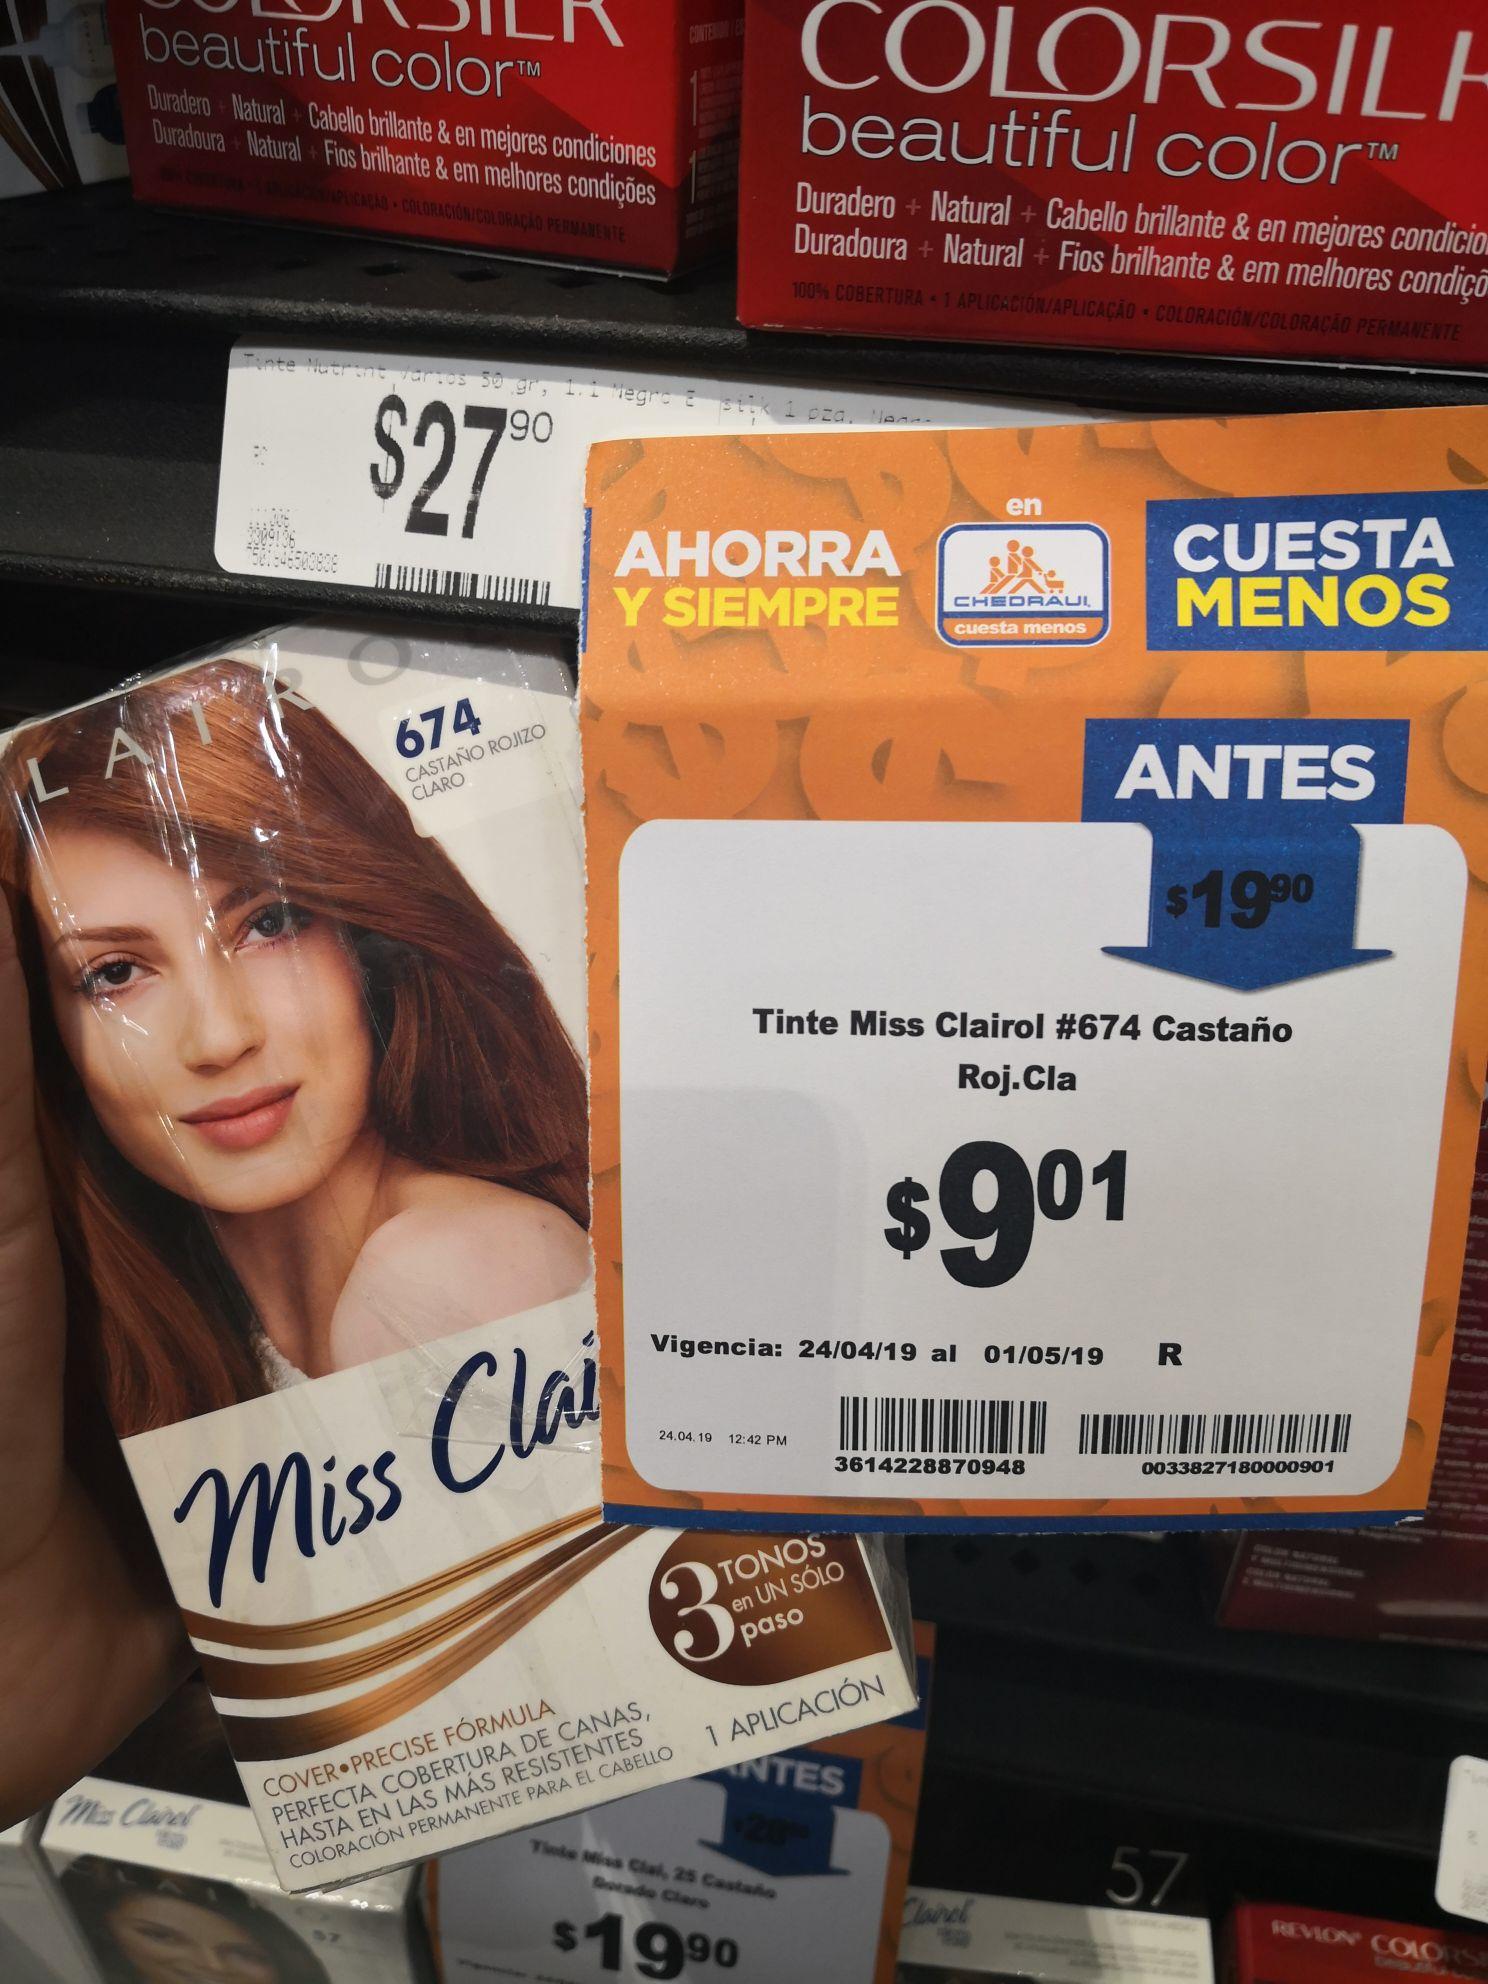 Chedraui: Tinte Miss Clairol